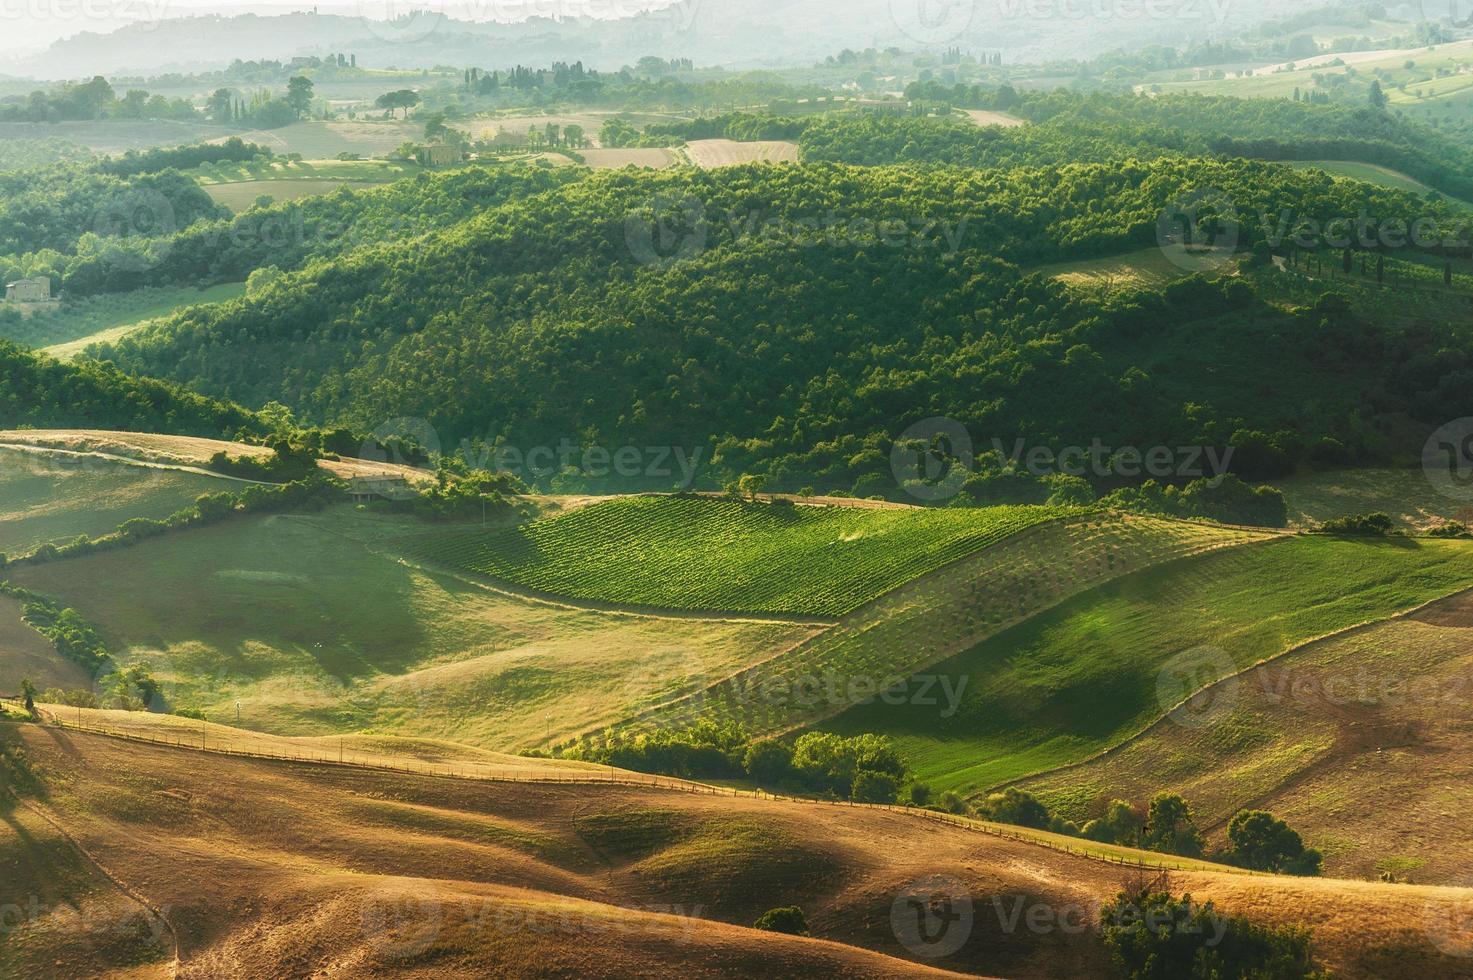 landsbygdens landskap av gröna toskanska, Italien foto